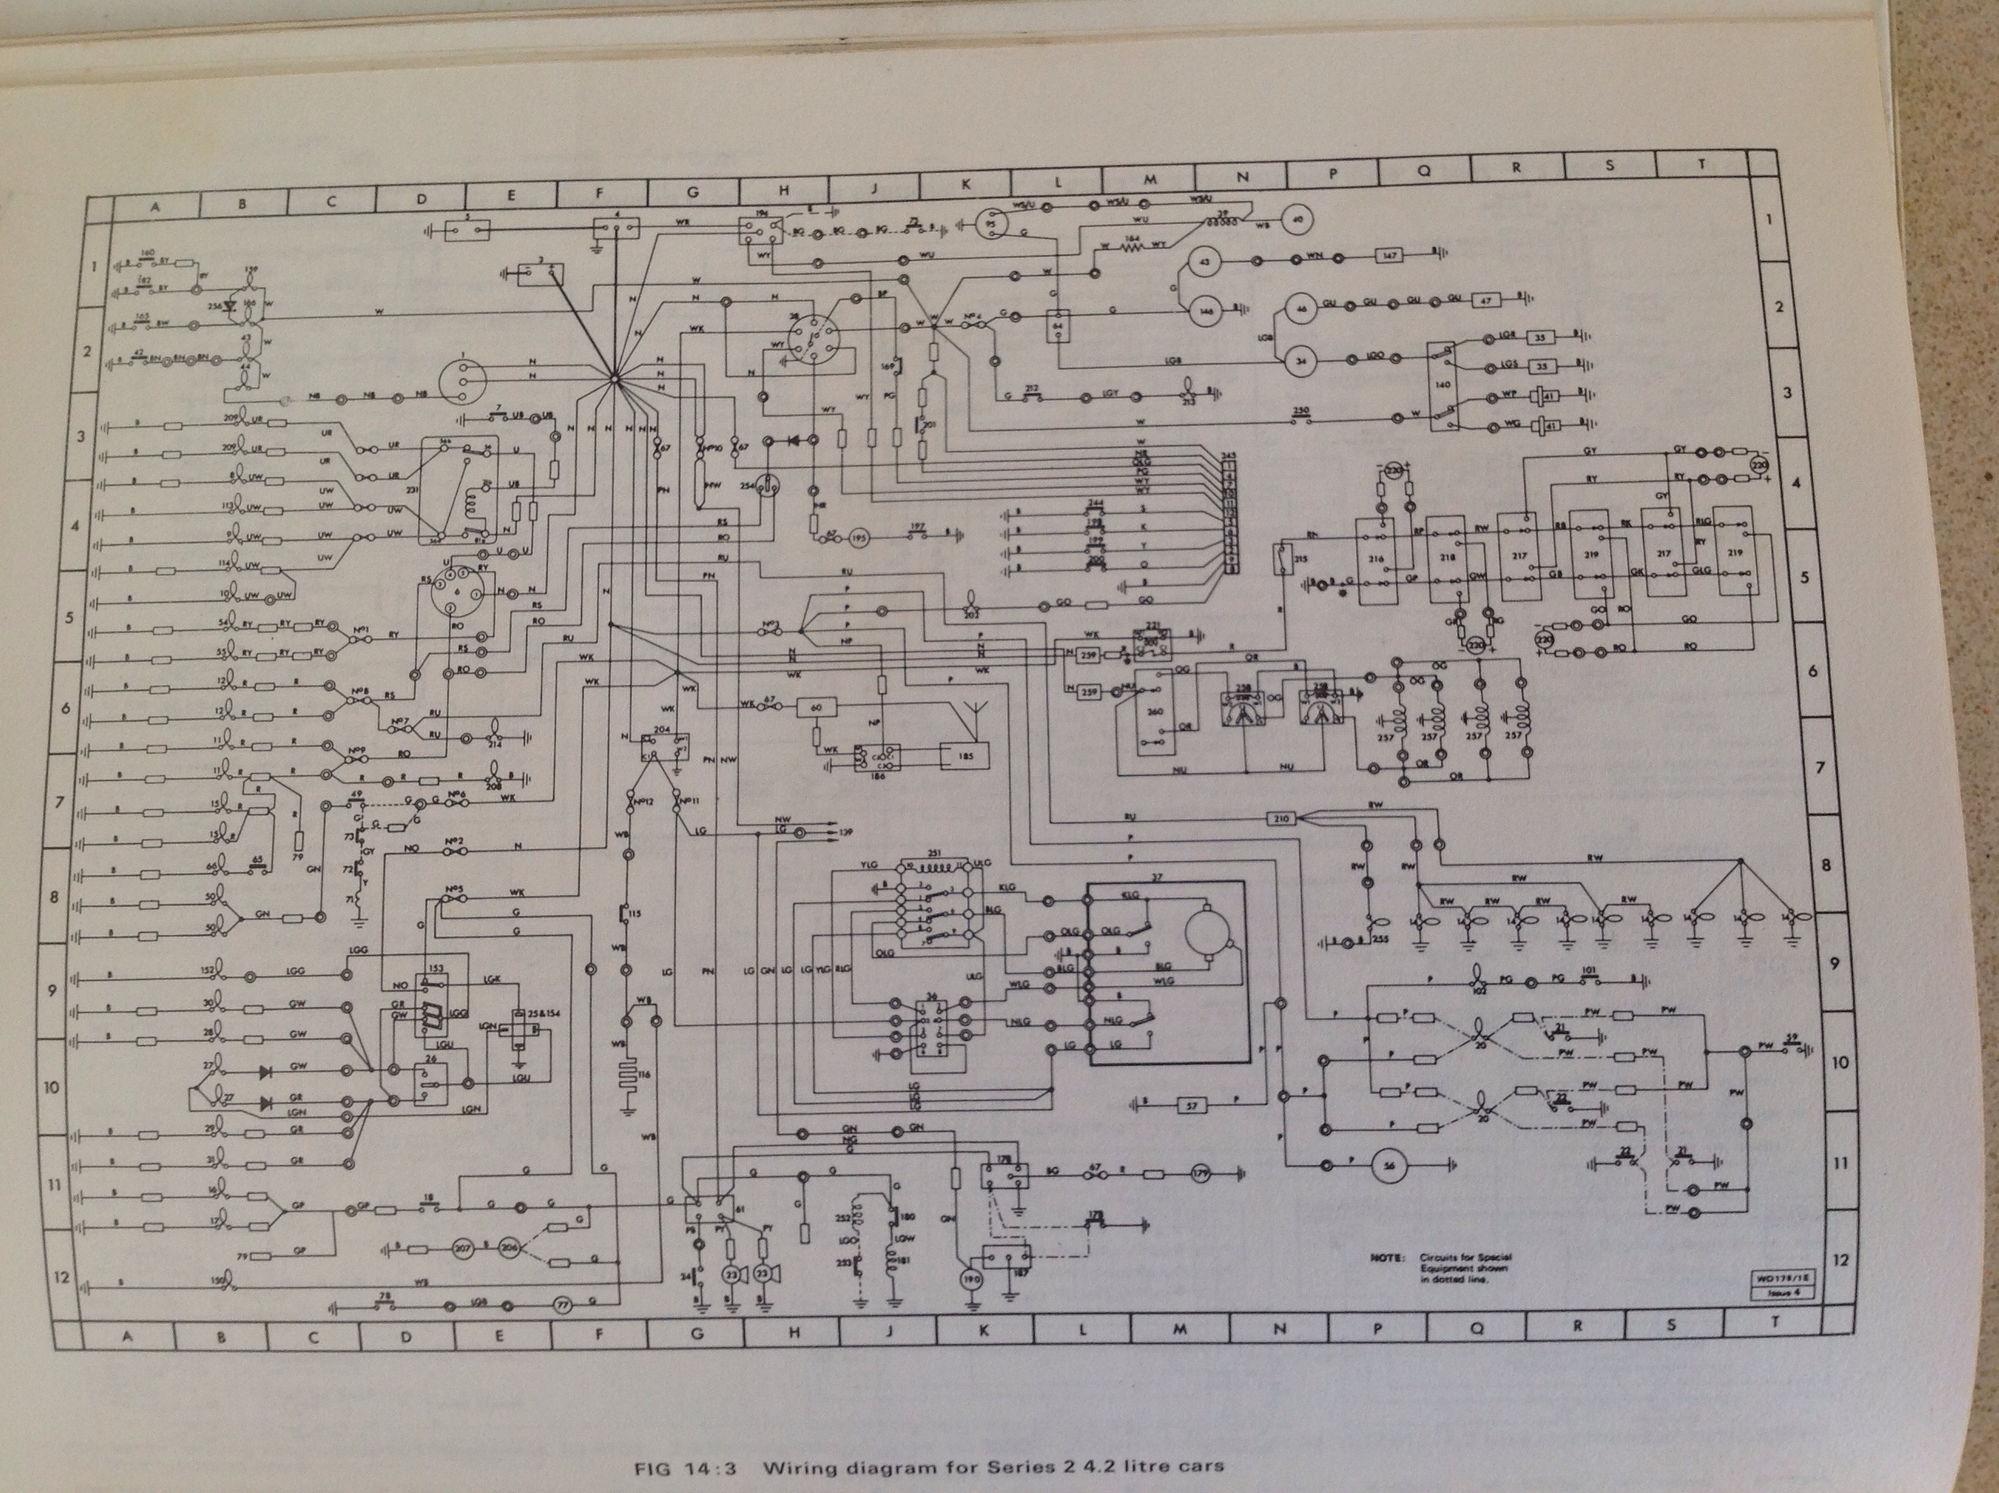 U0026 39 74 Series 2  Instrument Wiring - Jaguar Forums